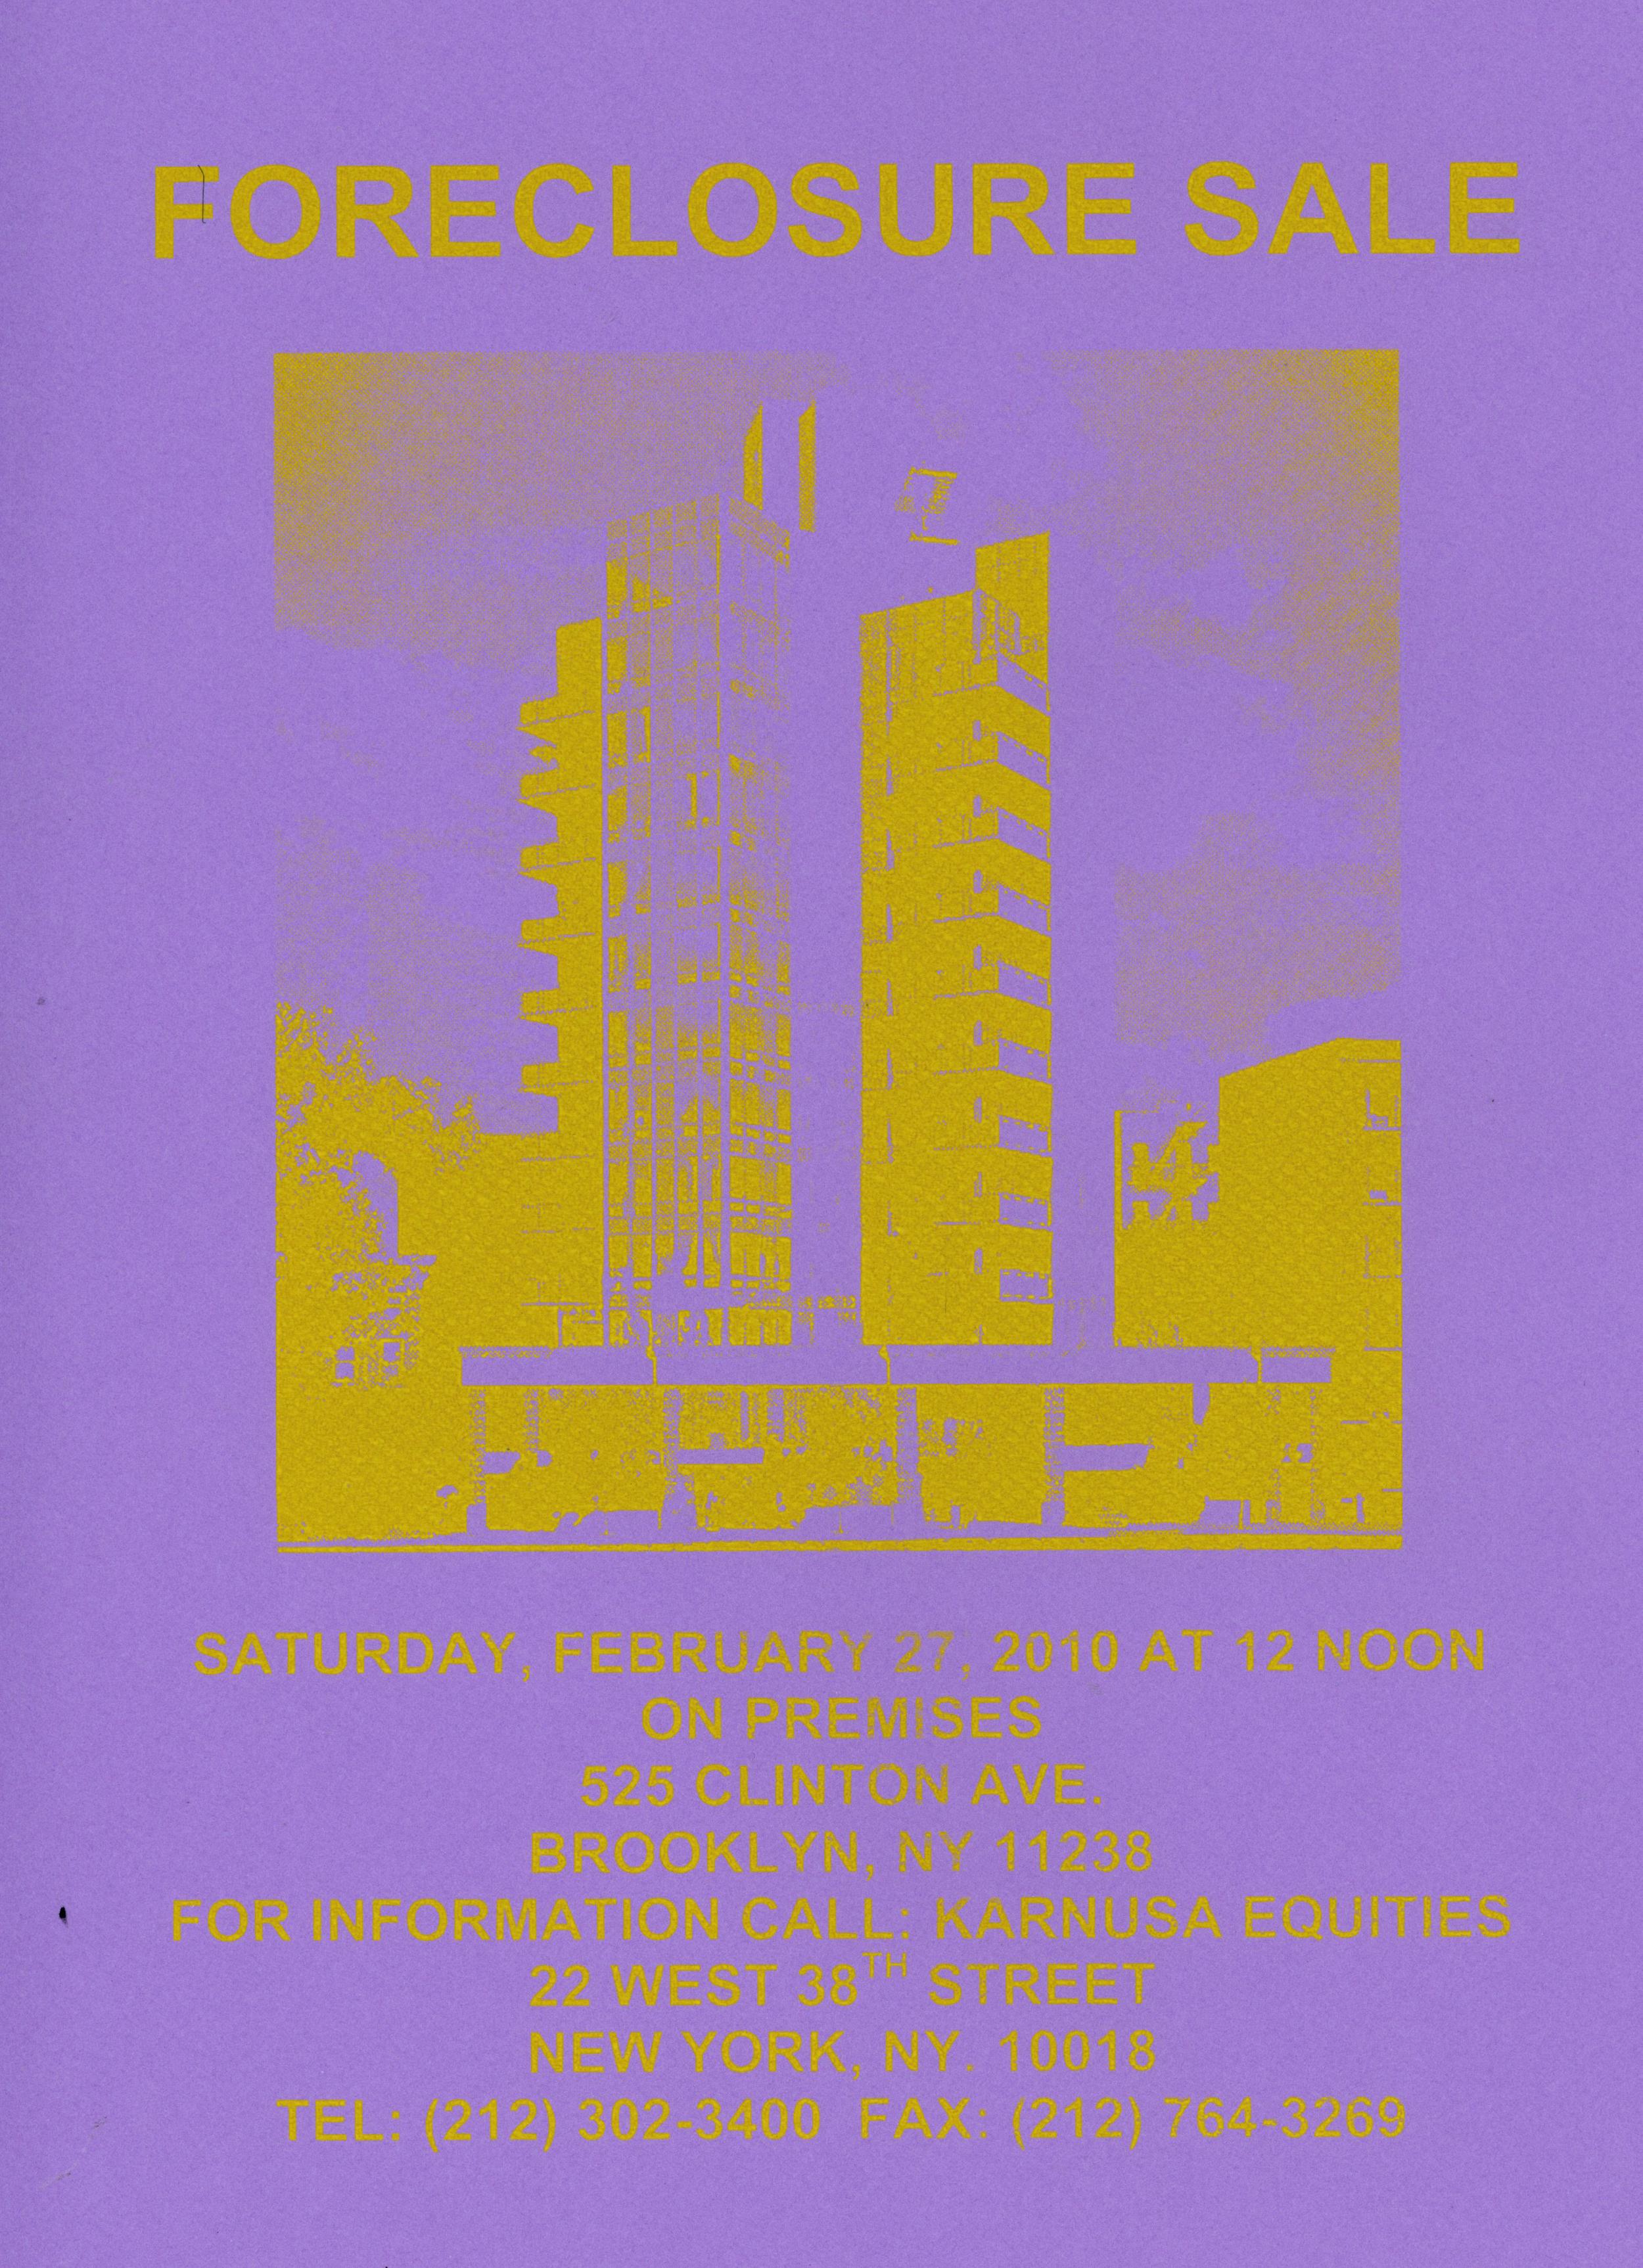 """Hypothetical Foreclosure, 2010, silkscreen, 9"""" x 14"""""""